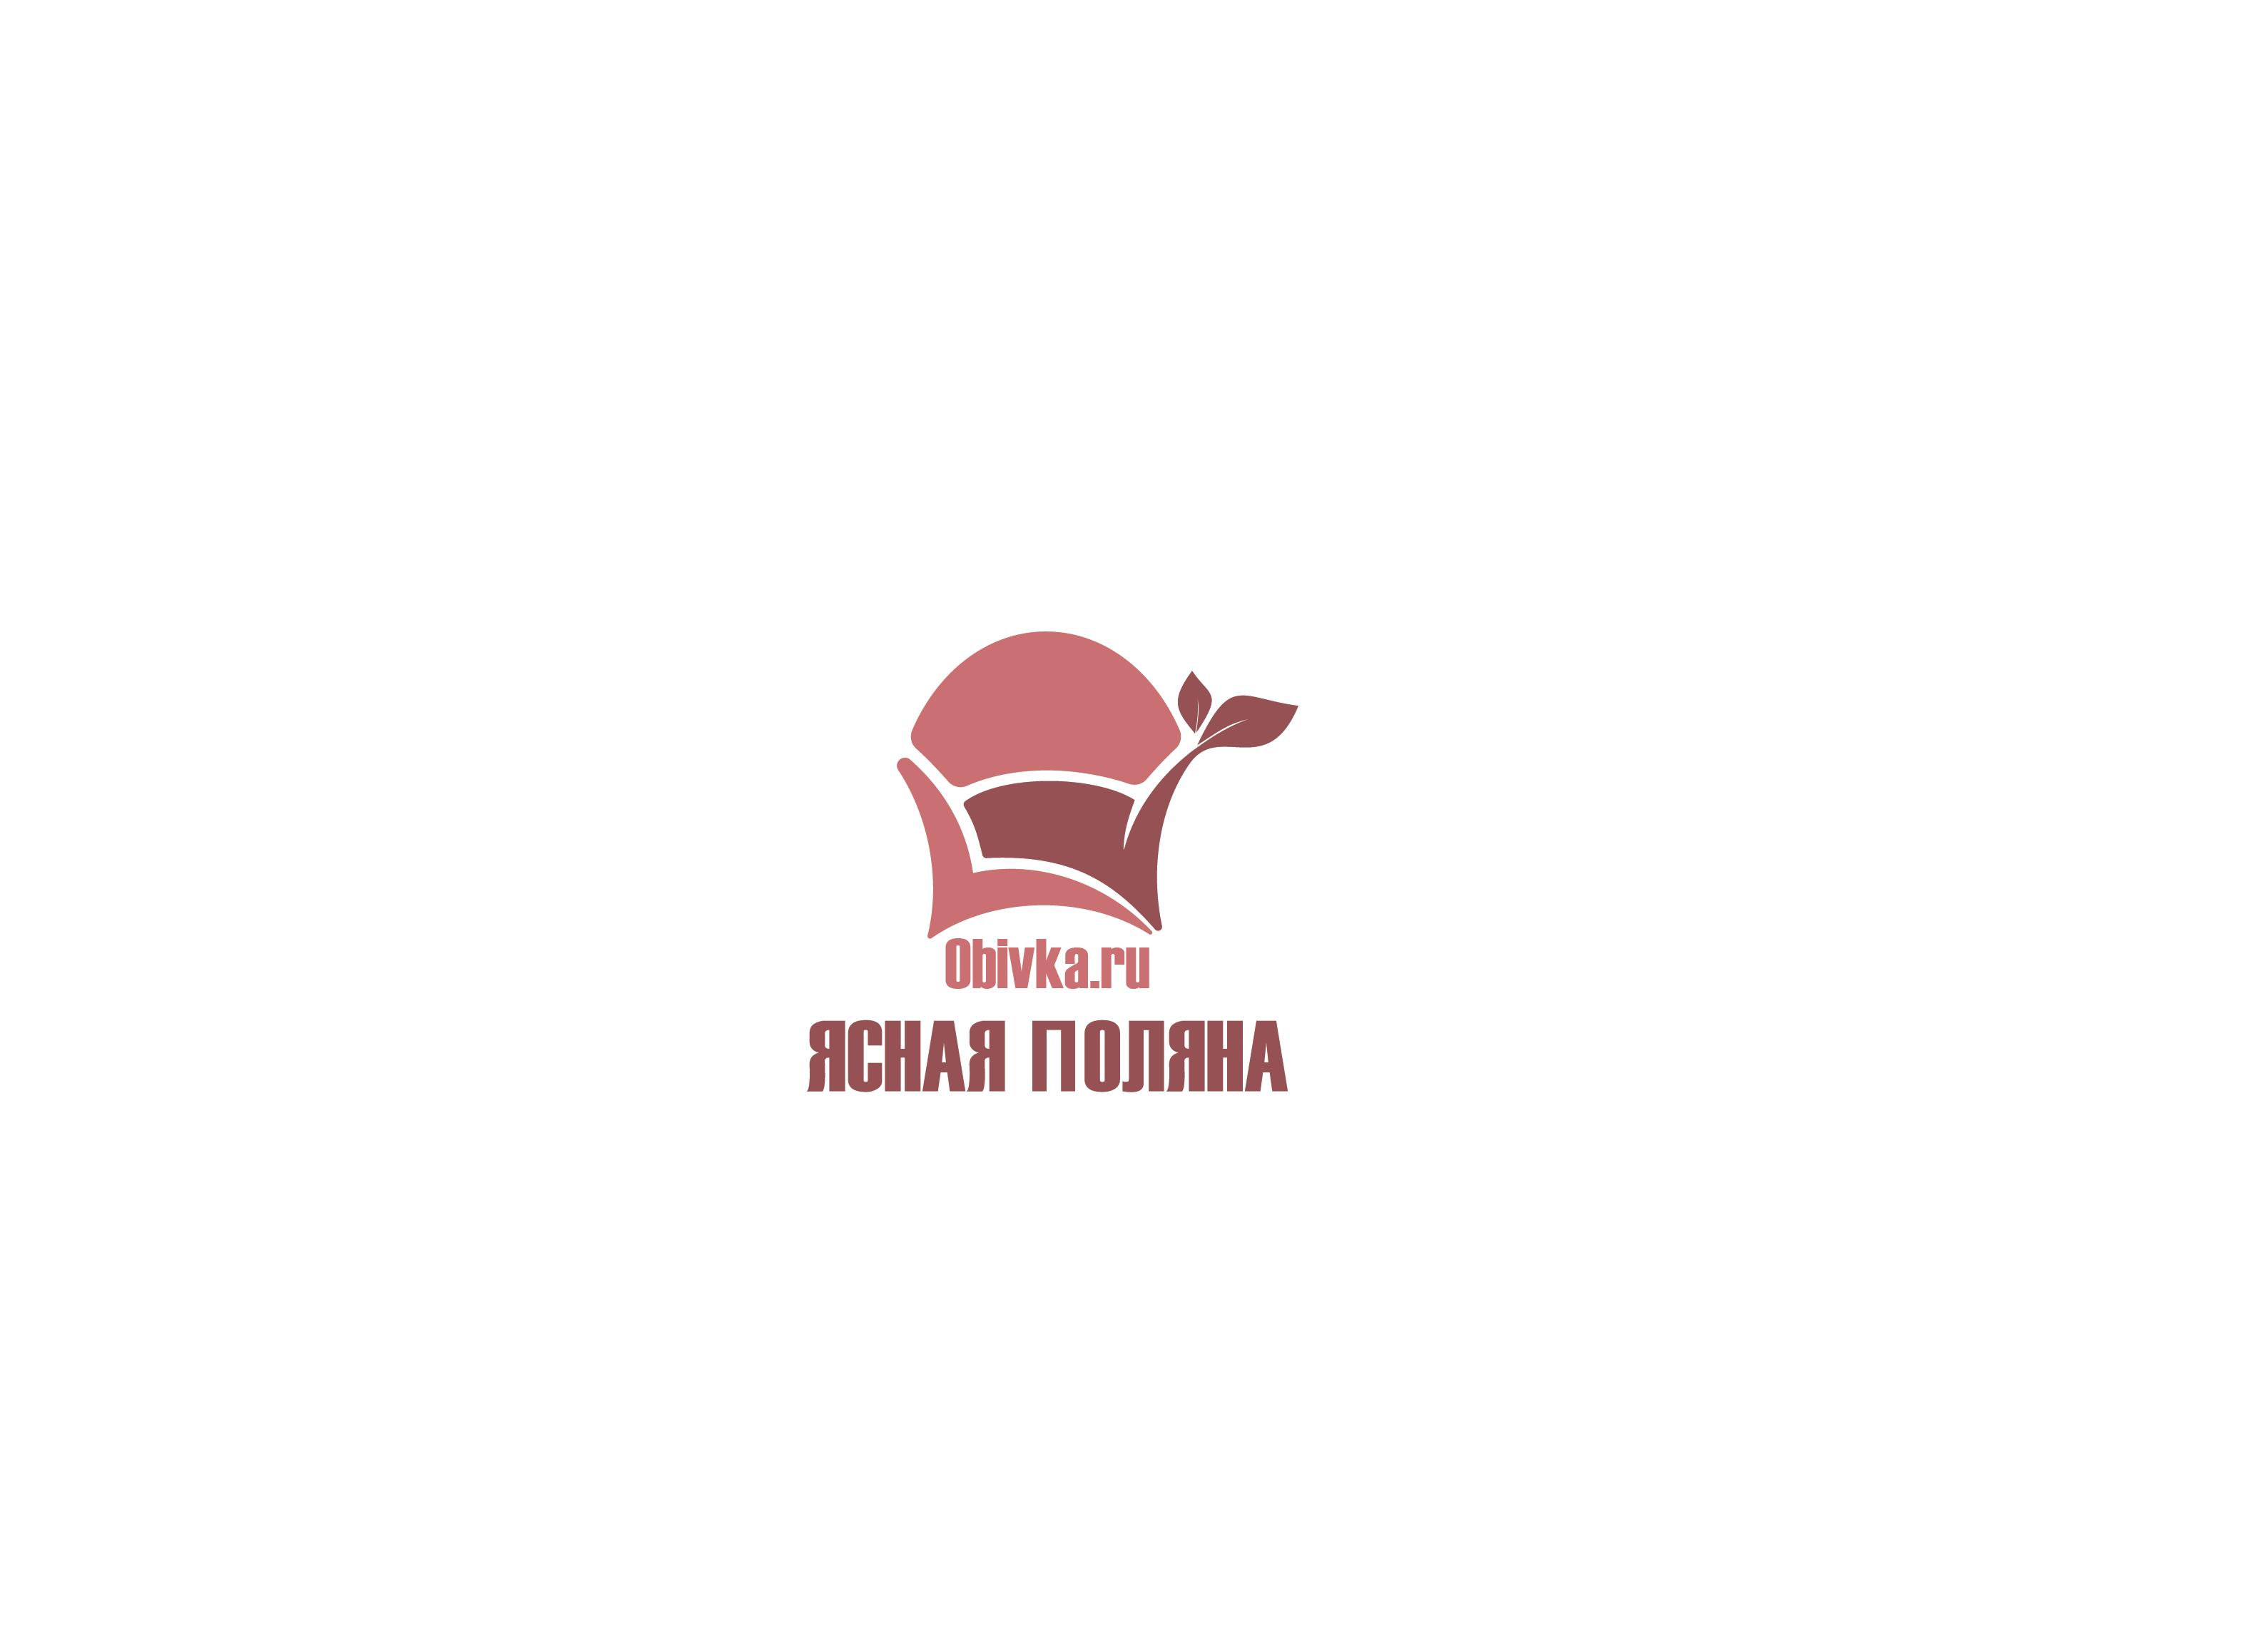 Логотип для сайта OBIVKA.RU фото f_0805c1e671e471c3.png